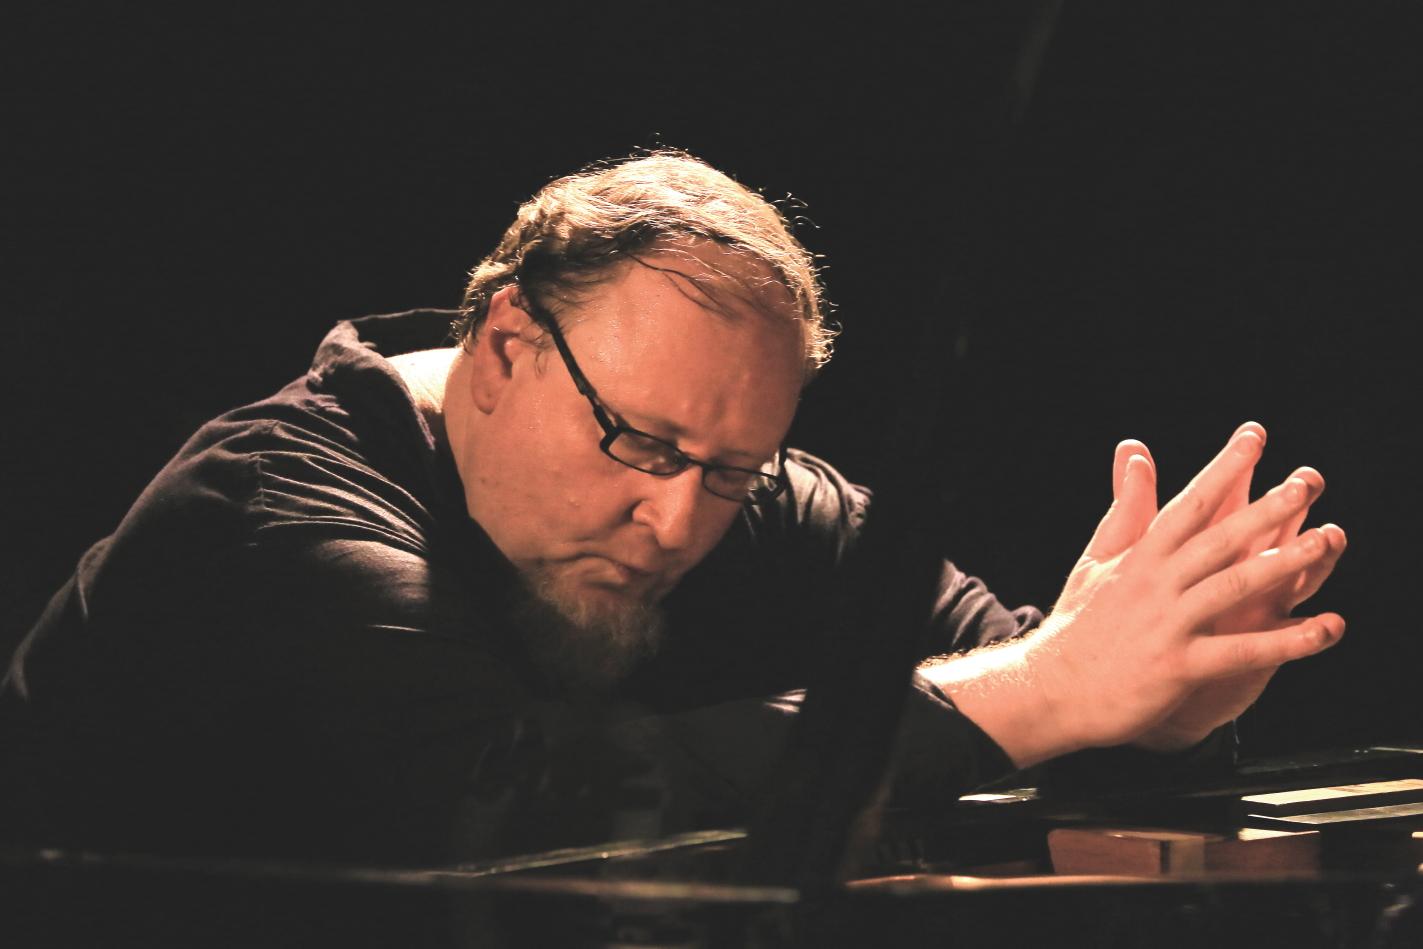 Джазовый пианист-авангардист Симон Набатов впервые в Израиле – концерт на фестивале «Джаз-Глобус» в Иерусалиме